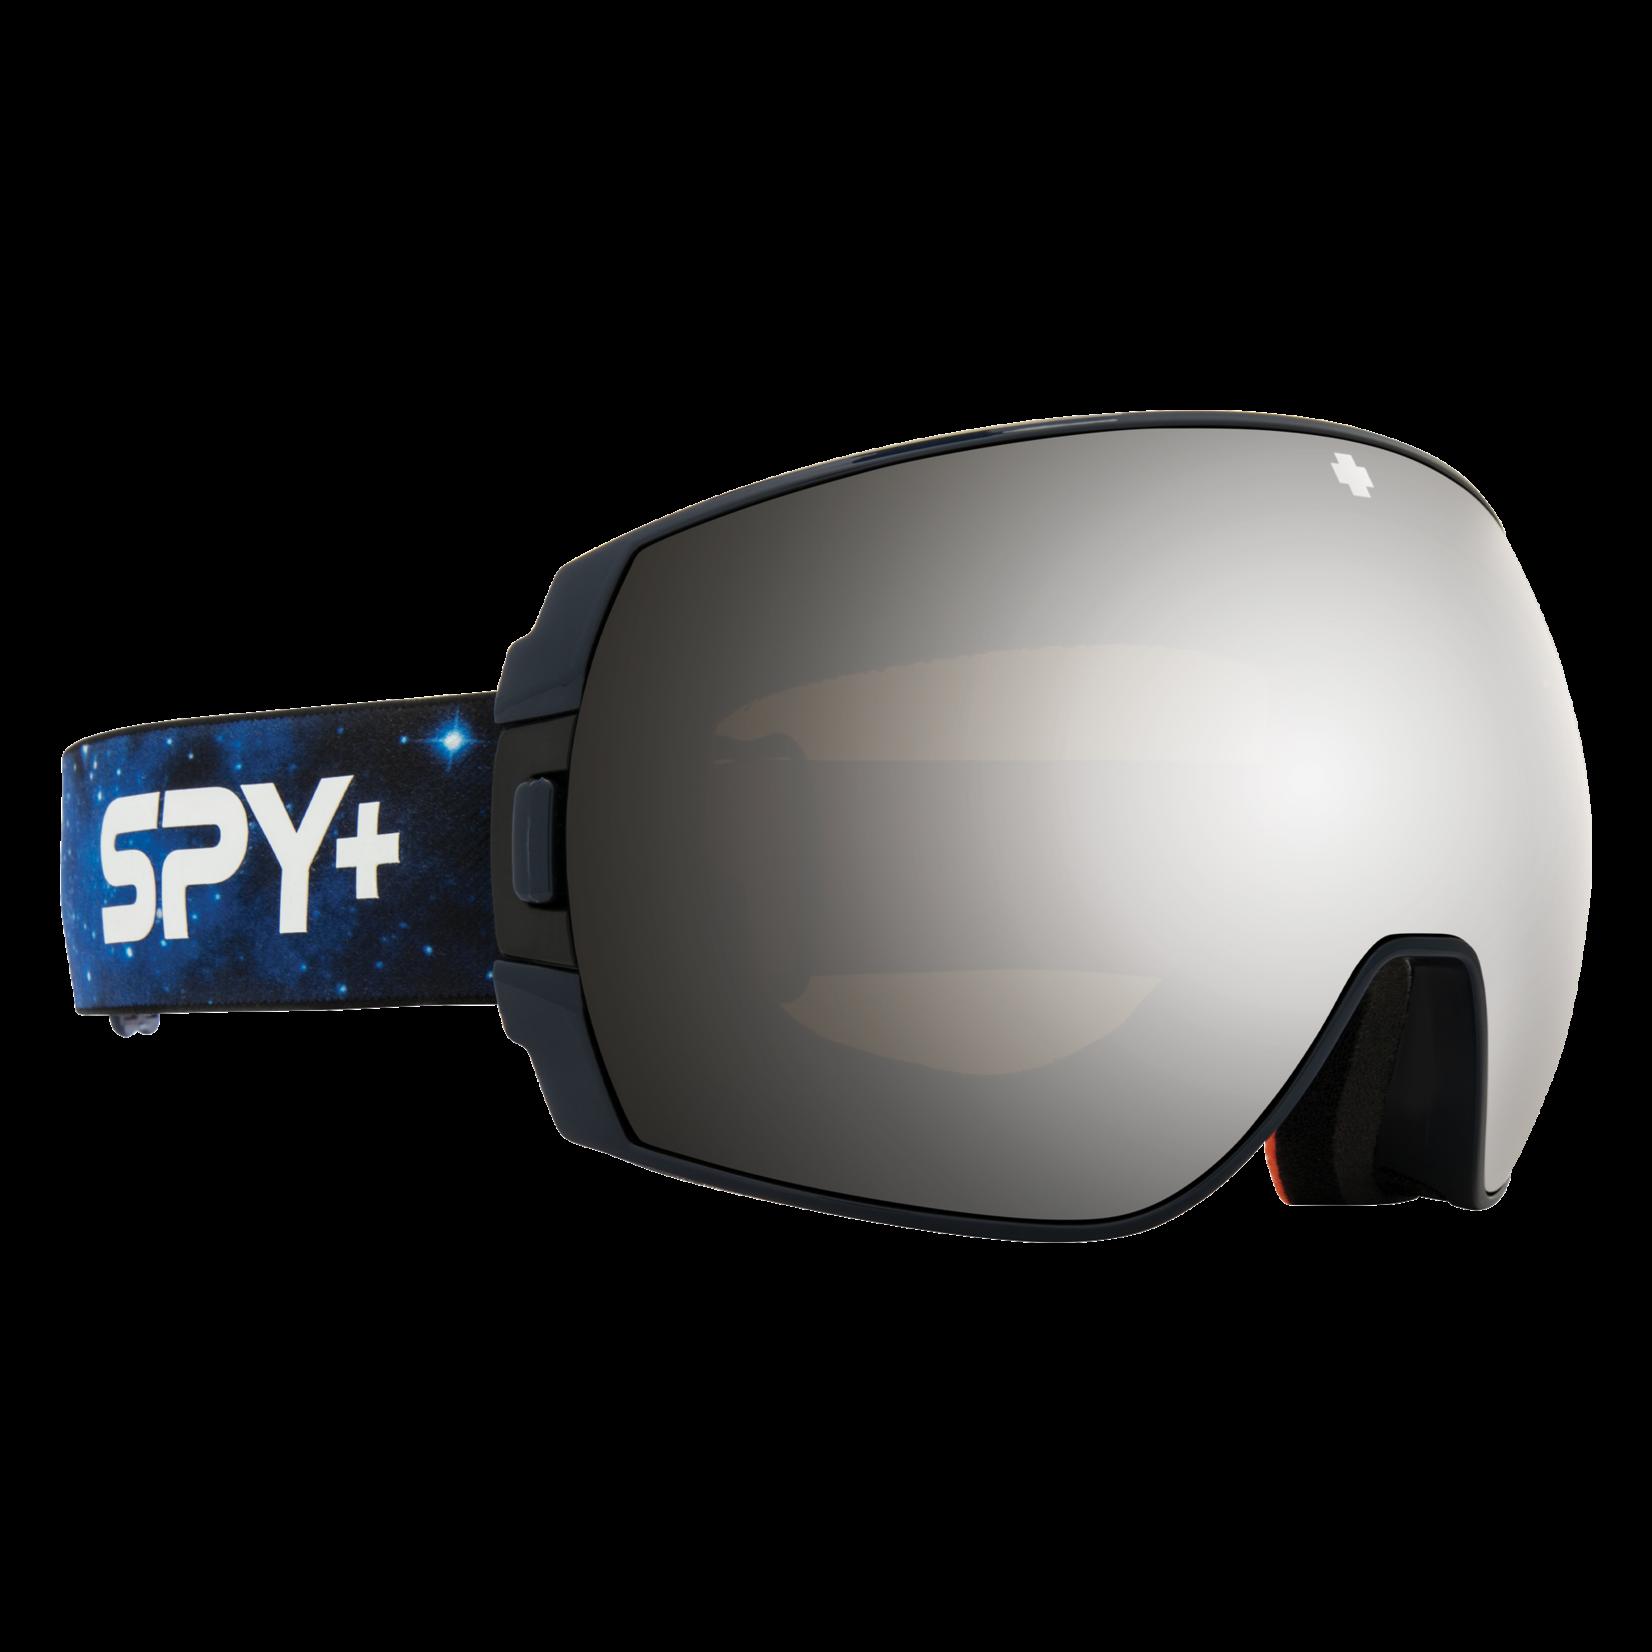 Spy LEGACY GALAXY BLUE + BRONZE SILVER